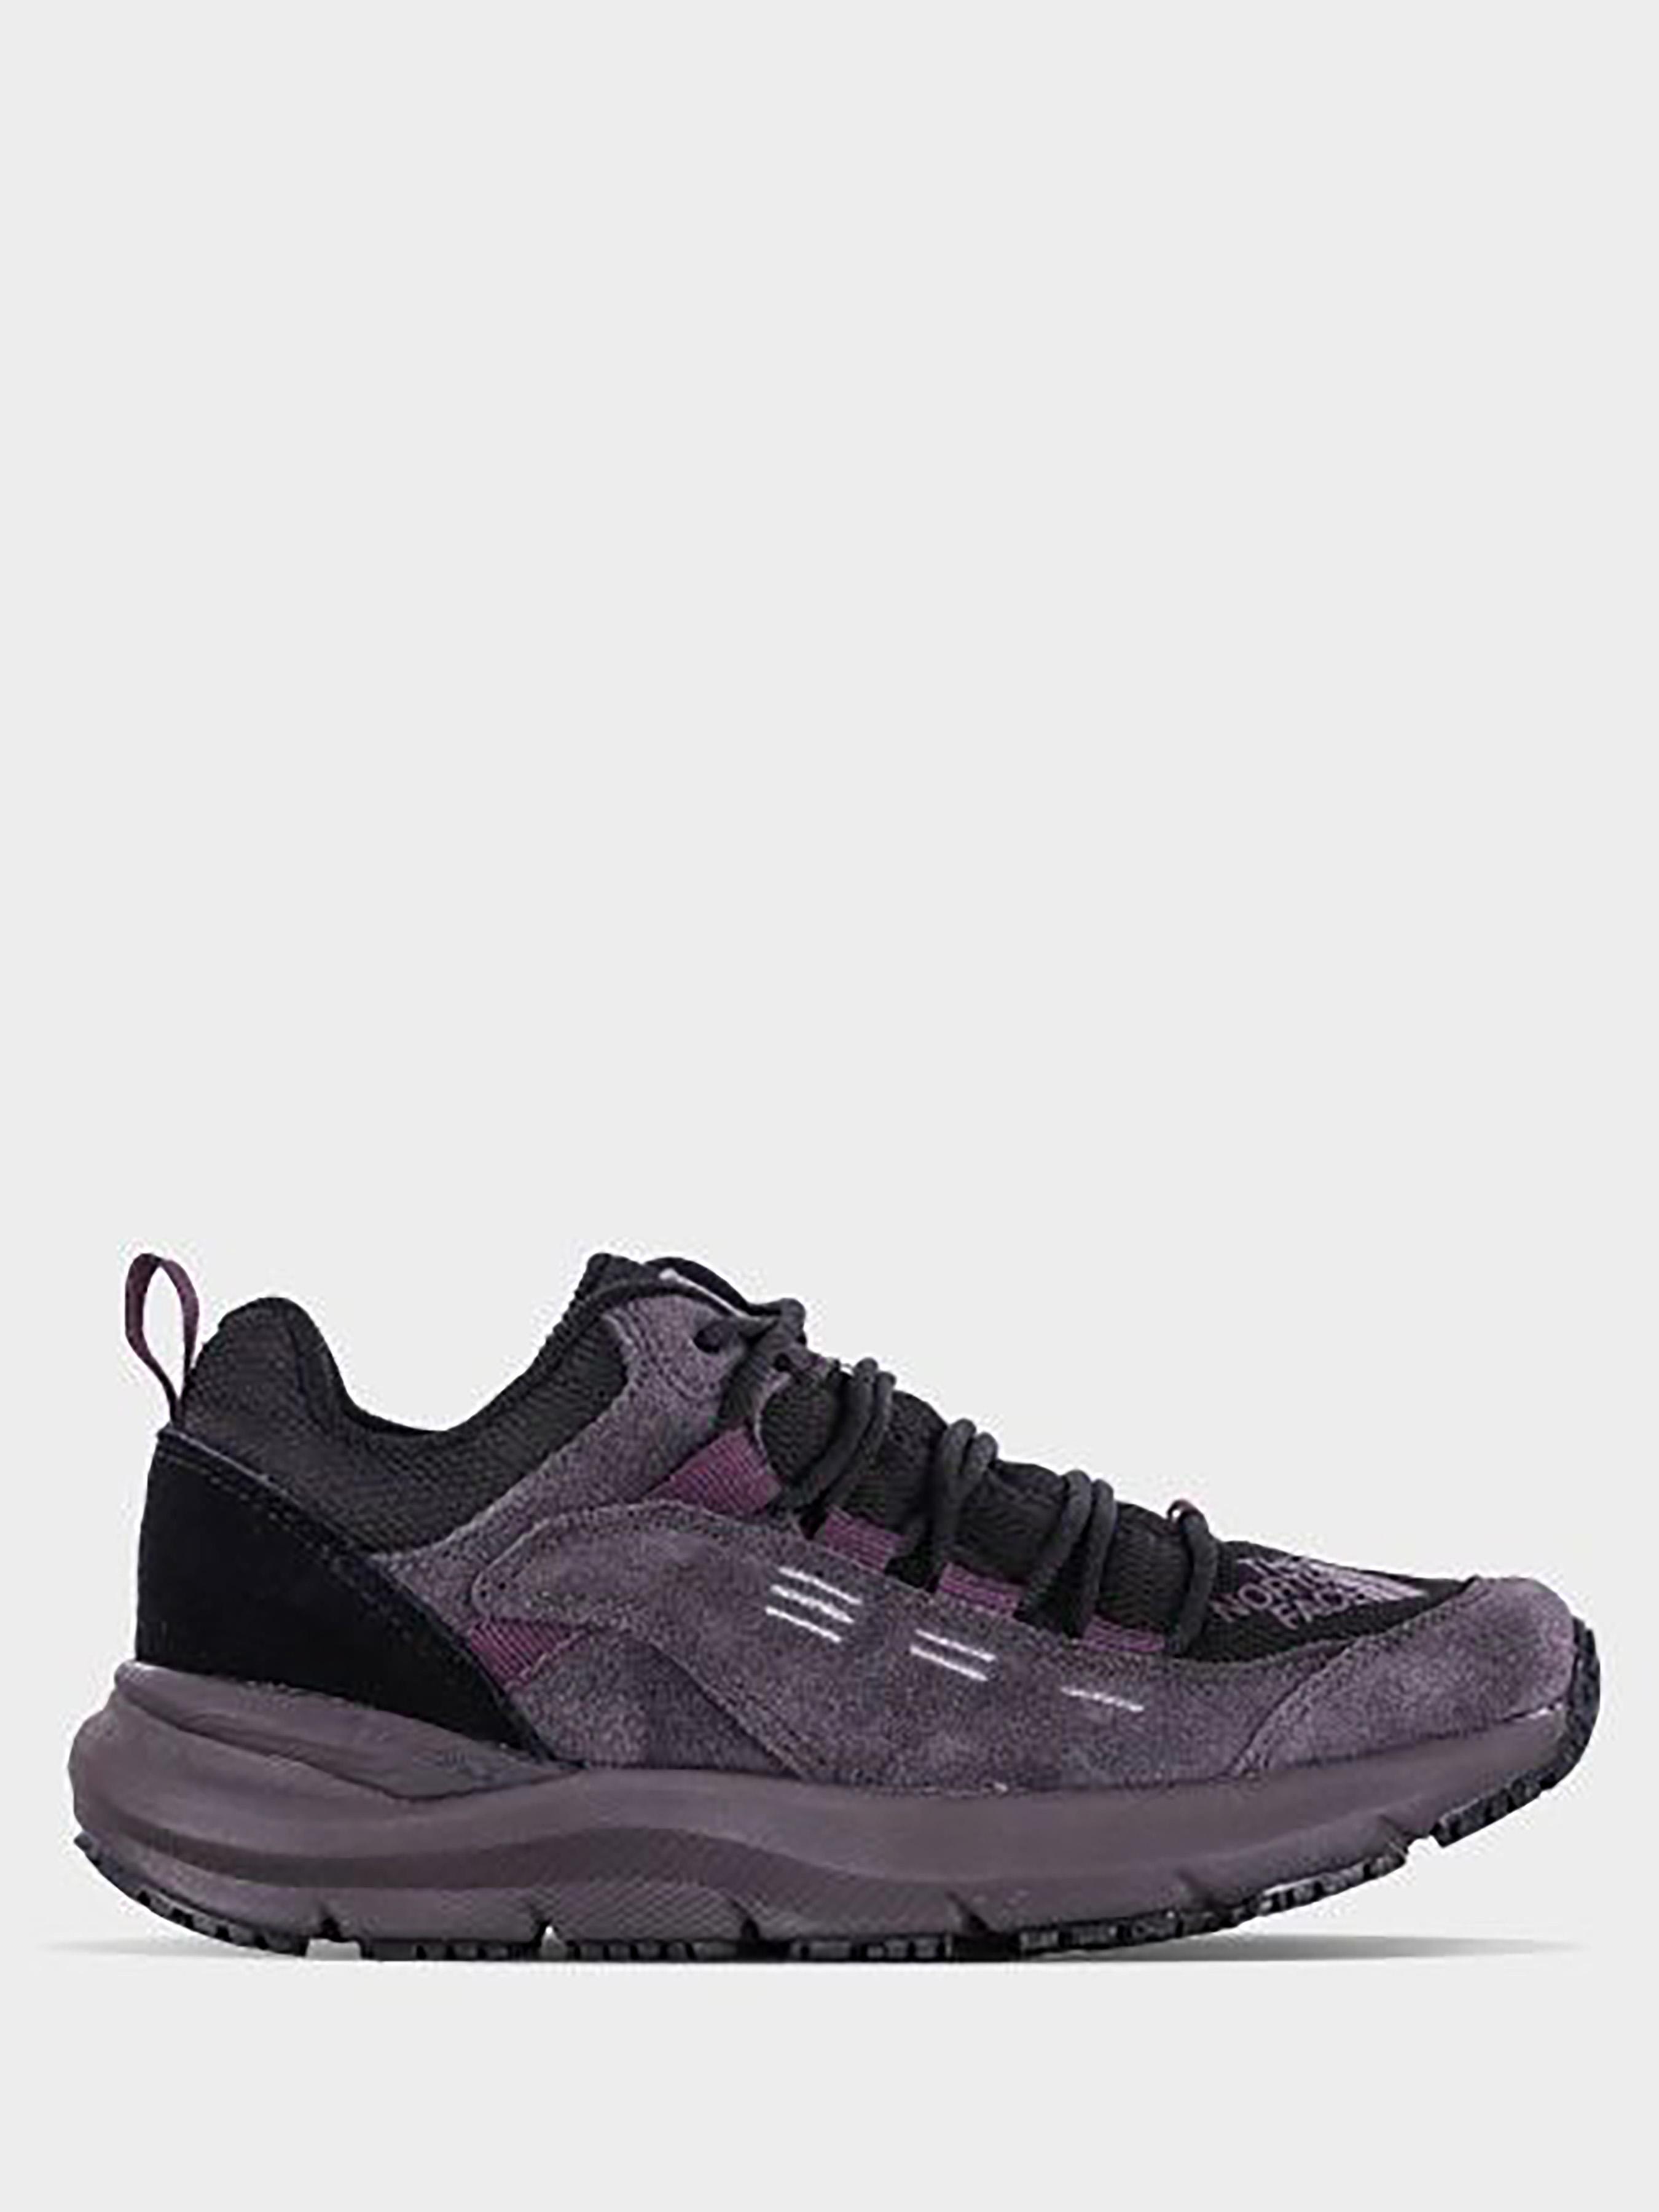 Кросівки жіночі The North Face Mountain Sneaker II NF0A3WZ9H351 - фото